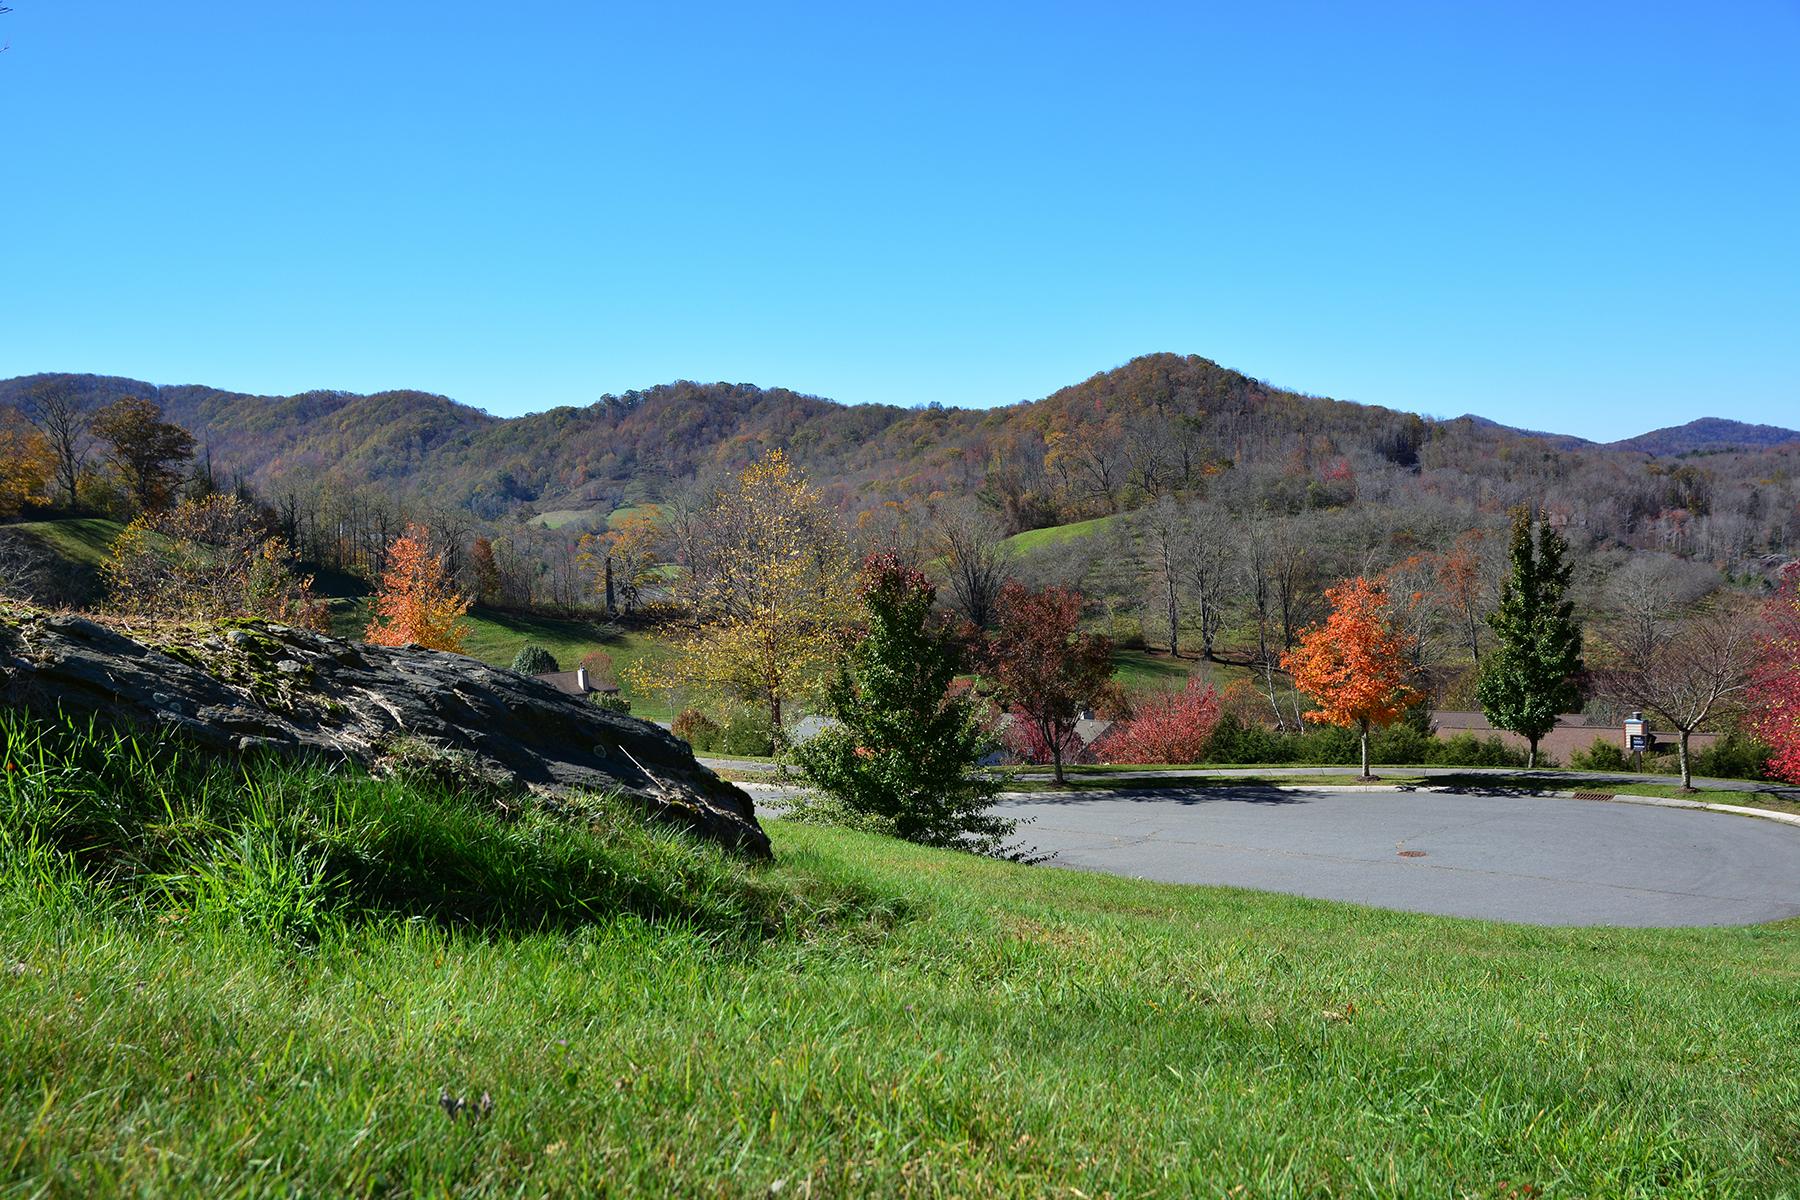 Land for Sale at BANNER ELK - APPLE ORCHARD Lot 33 King Lucious Ln, Banner Elk, North Carolina 28604 United States